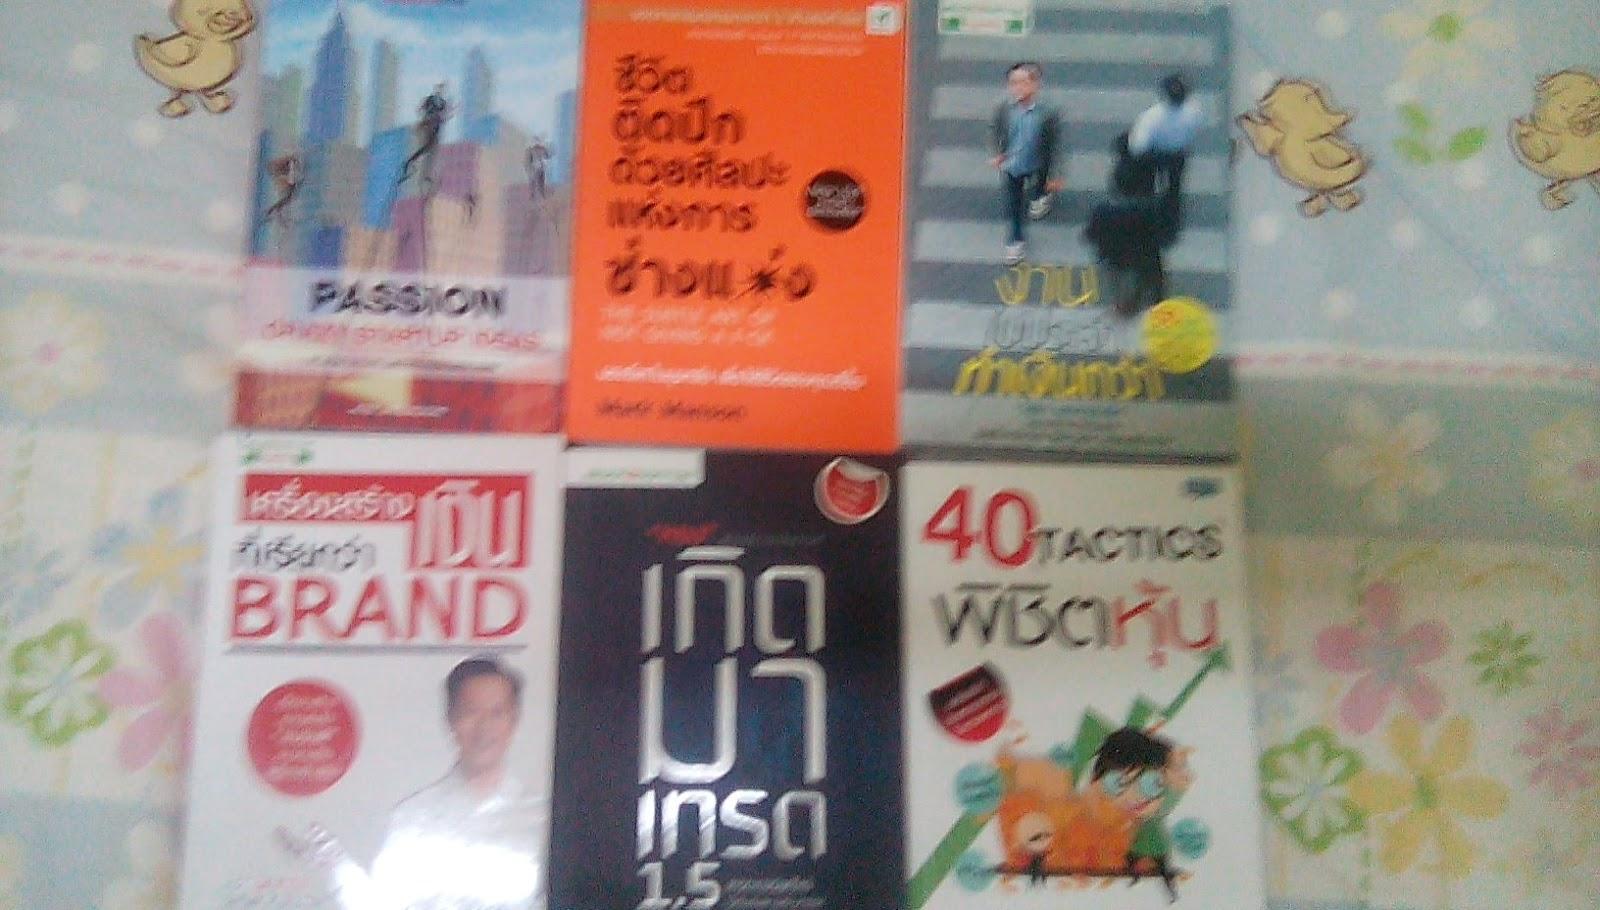 ขายหนังสือมือสอง ราคาถูก 350 บาท เหลือ 4 เล่ม